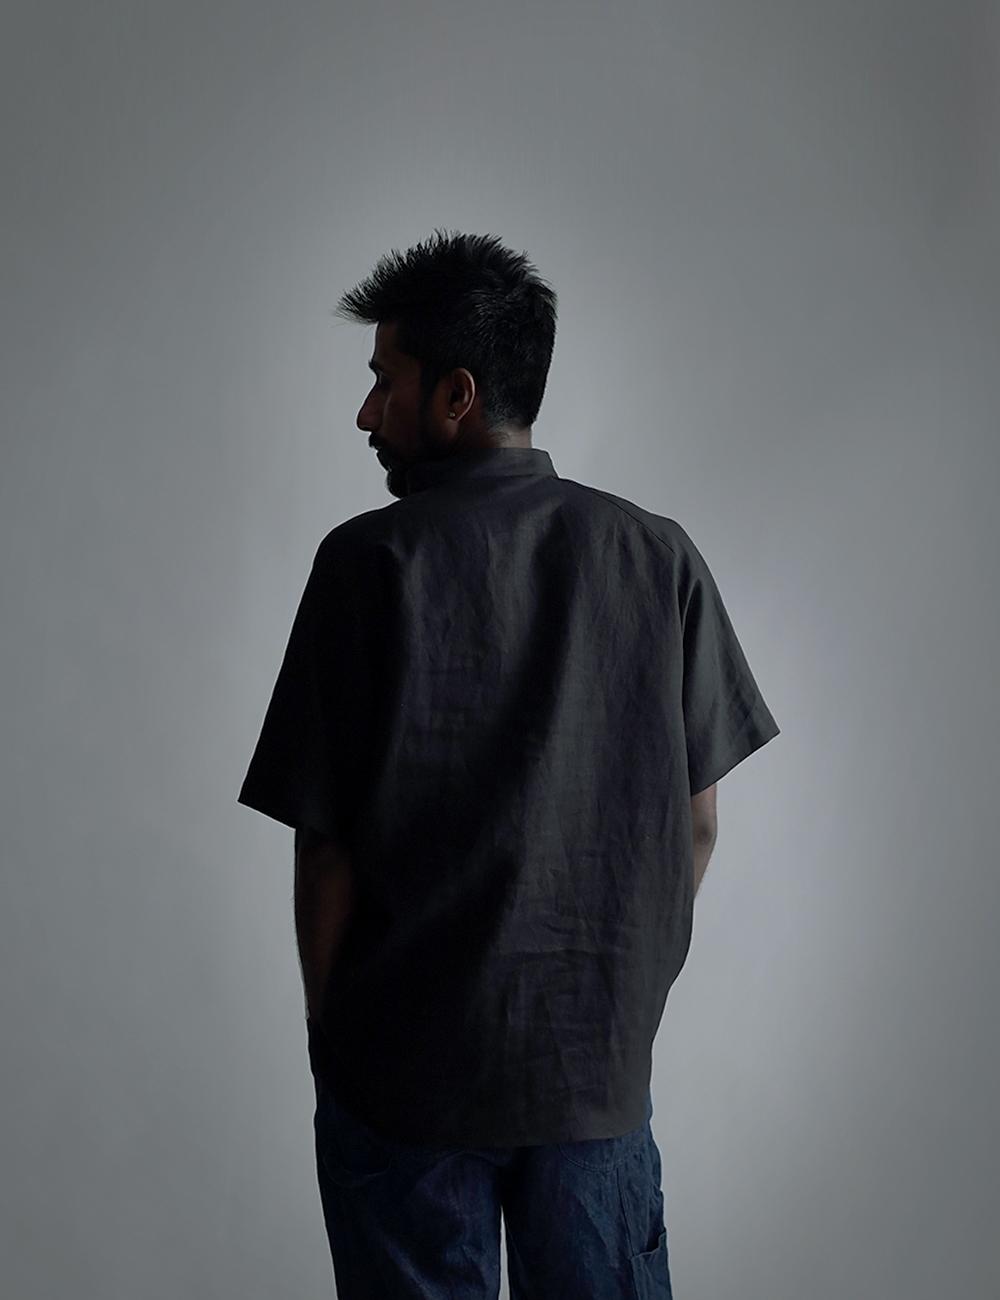 【wafu】【半袖】自分用に3枚いきます。リネンスタンドカラーシャツトップス 男女兼用 やや薄地/黒色 t038k-bck1